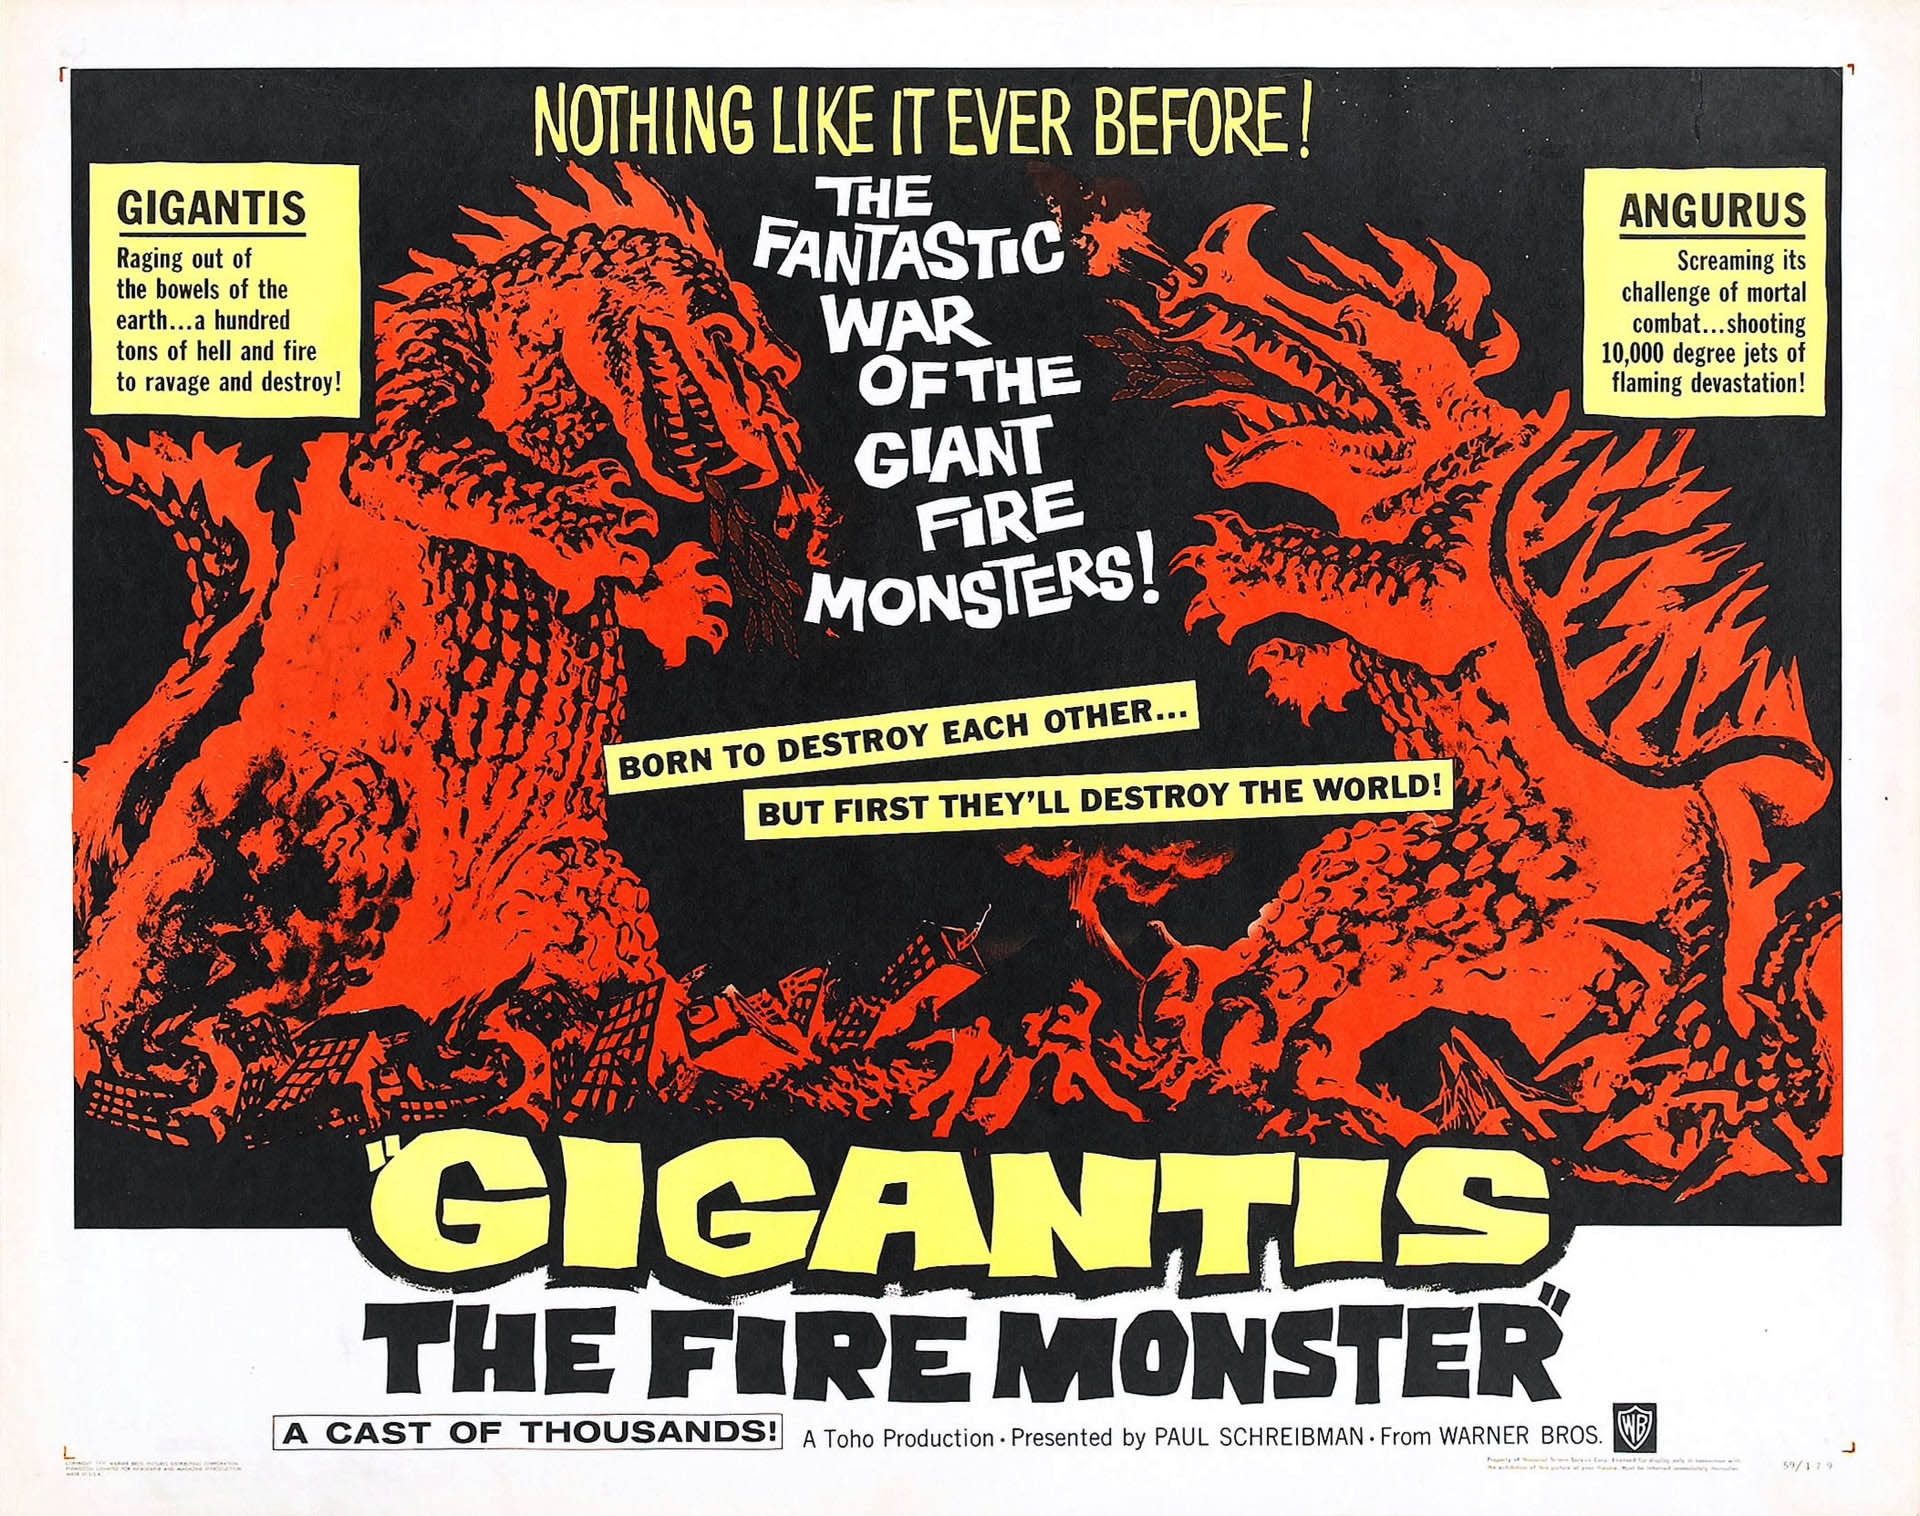 Gigantis The Fire Monster